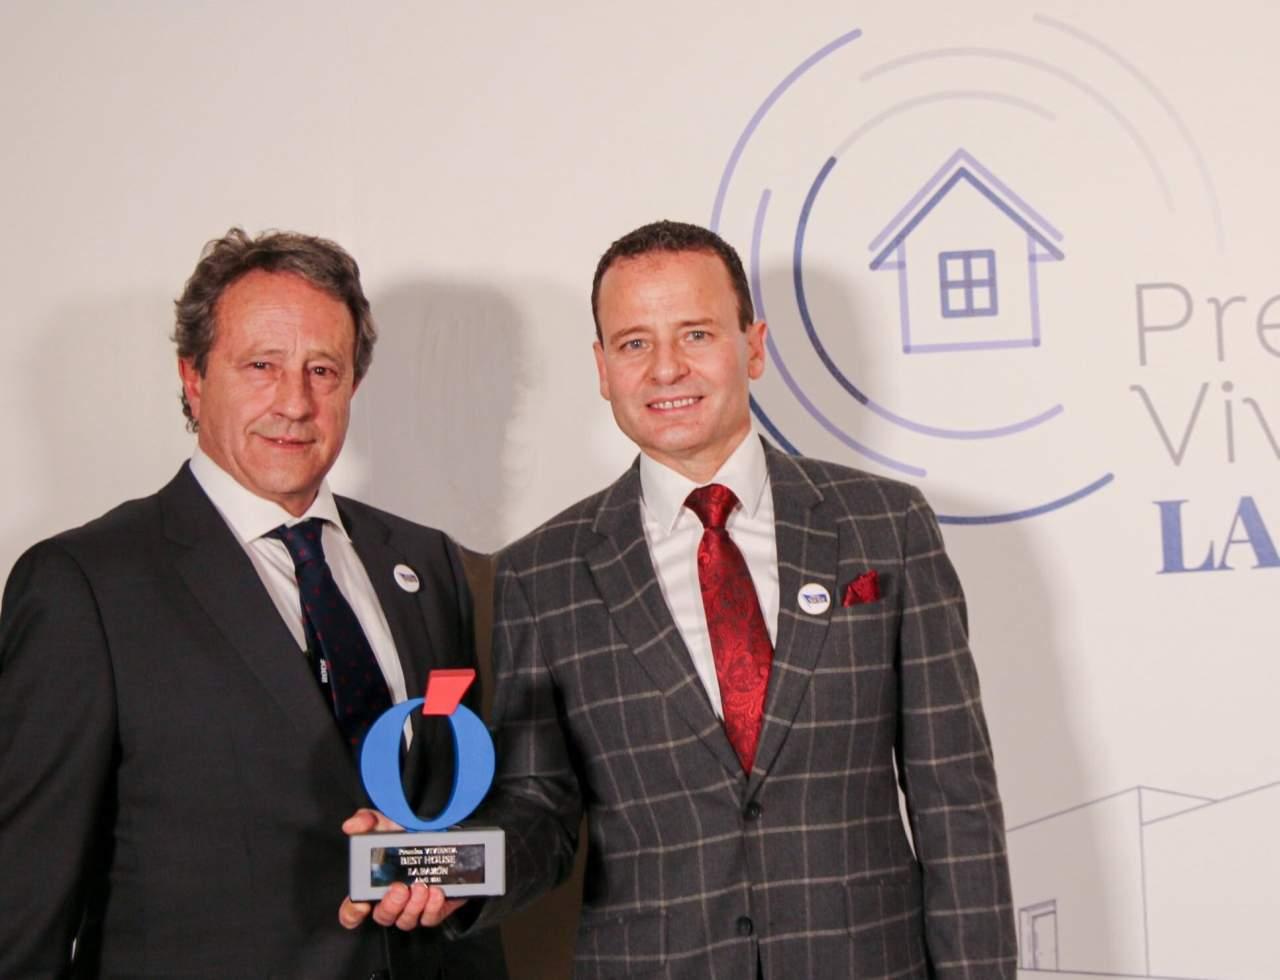 El grupo Best, galardonado con el Premio a Mejor Franquicia Inmobiliaria, inaugura cuatro nuevas franquicias en mayo del 2021